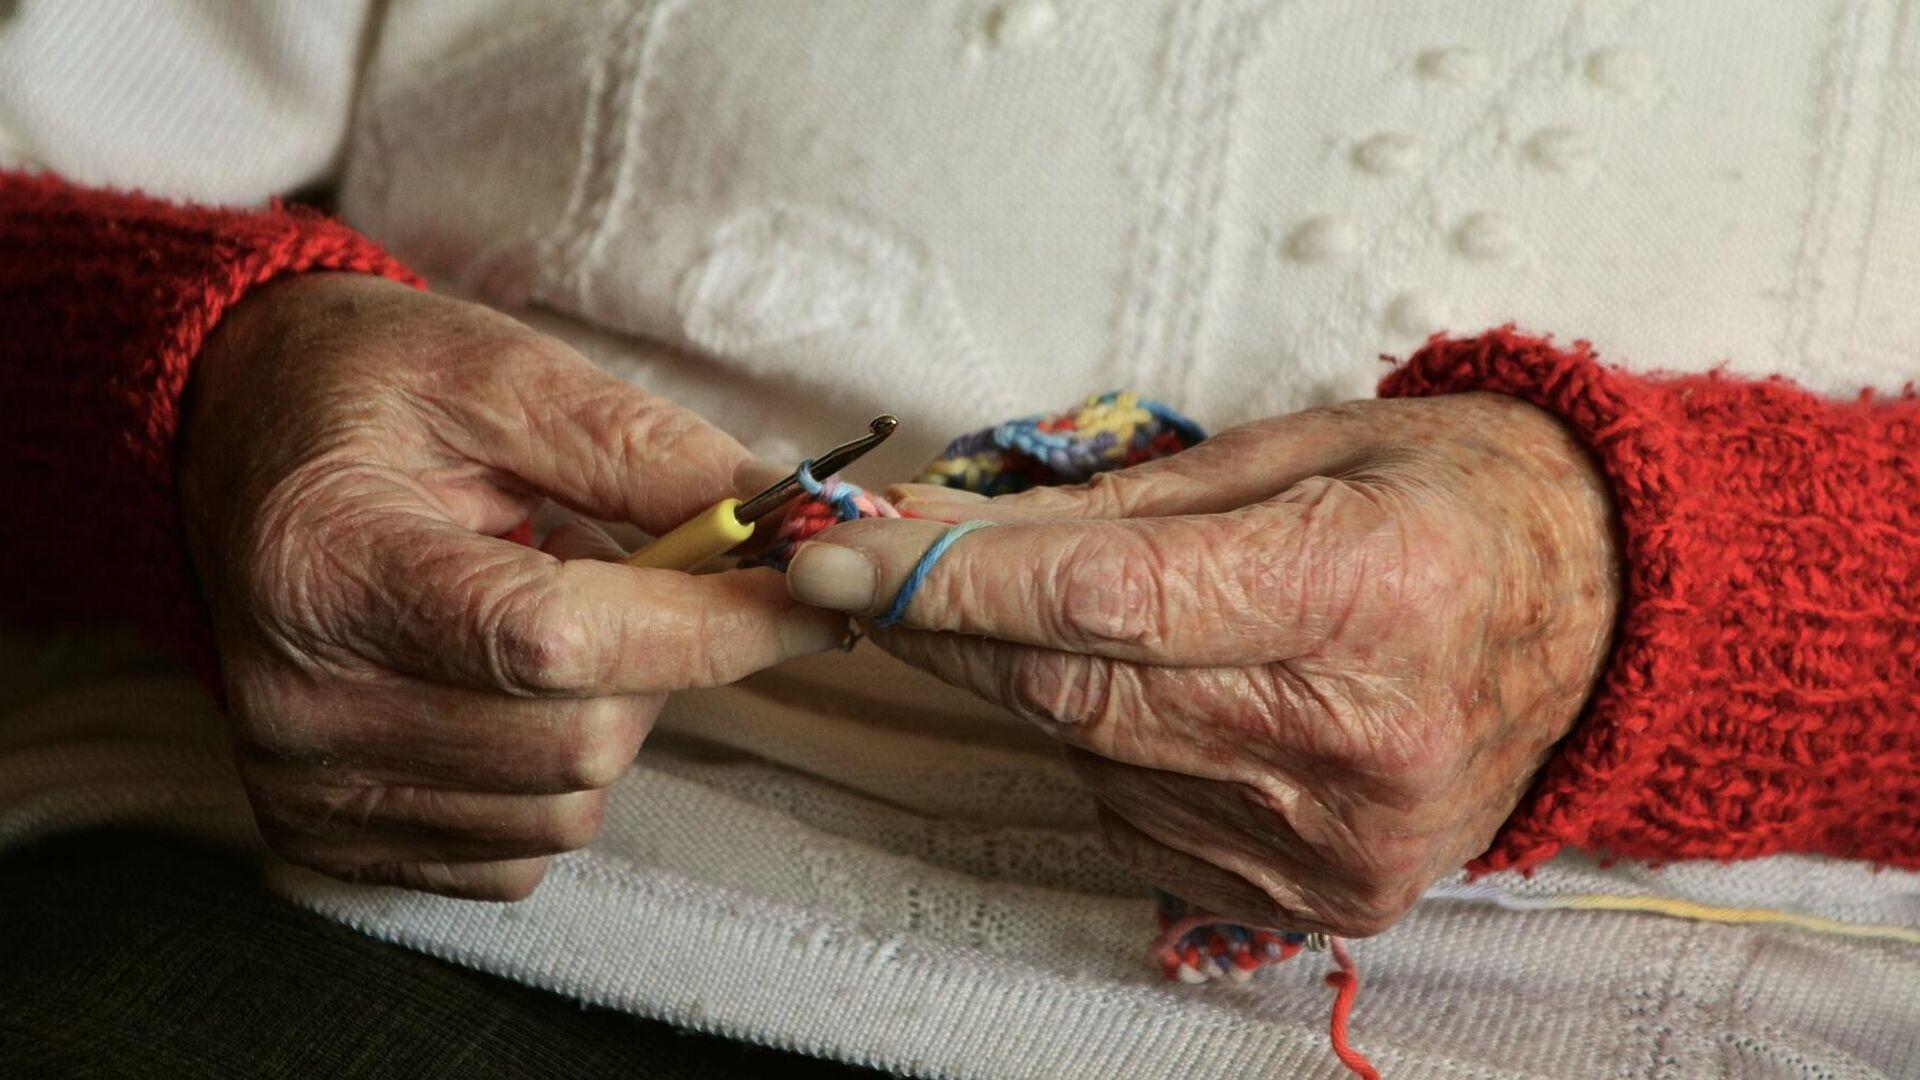 Anziana signora lavora all'uncinetto - Sputnik Italia, 1920, 08.06.2021